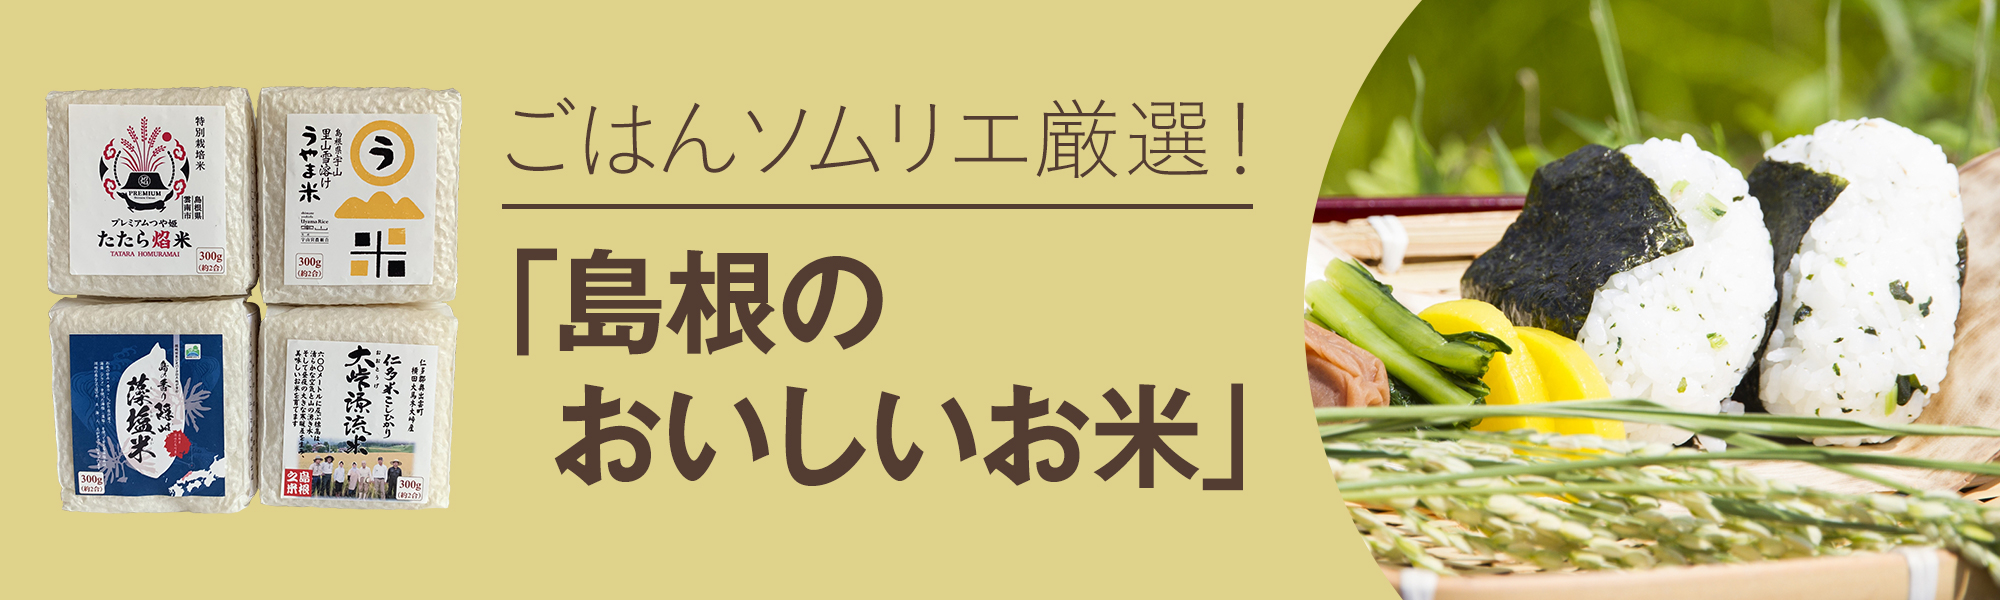 ごはんソムリエ厳選!「島根のおいしいお米」